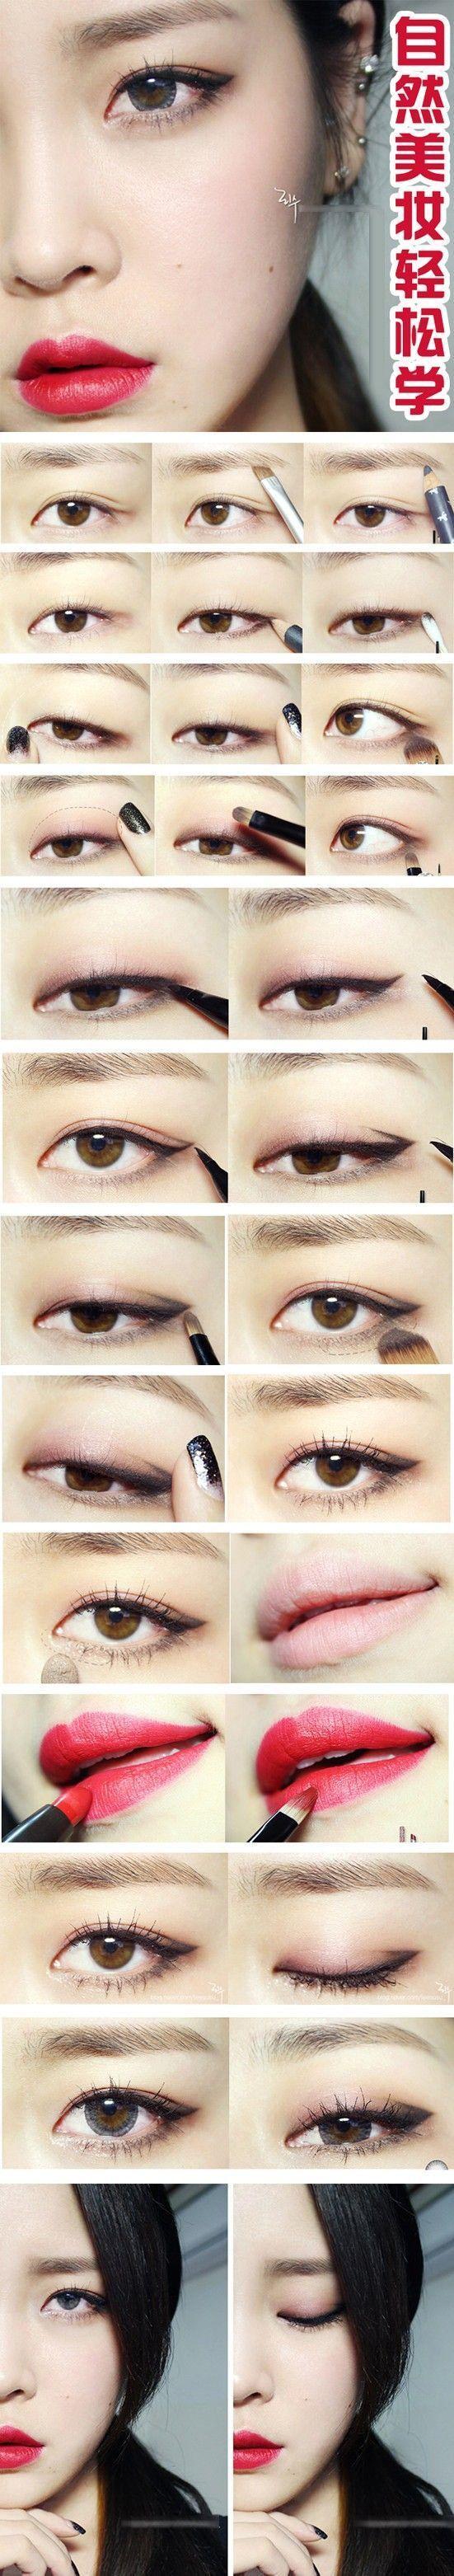 Makeup tutorial kawaii makeup pinterest tutorials makeup asian makeup tutorials baditri Image collections